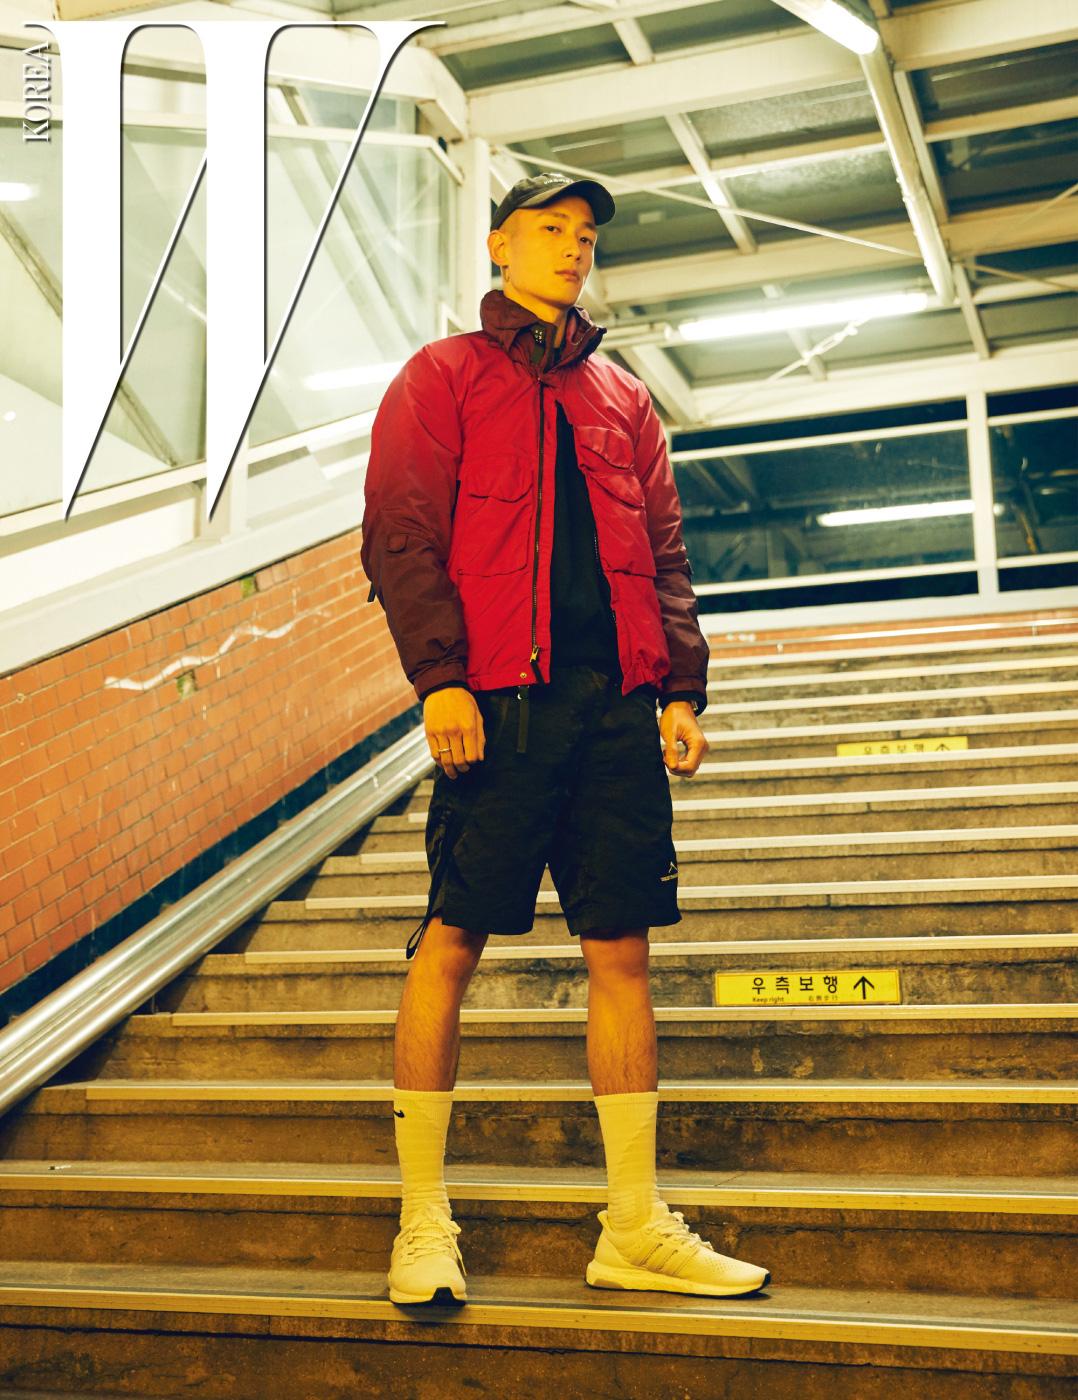 붉은색 점퍼는 Acronym, 옆선의 스트링 장식이 특징인 쇼츠는 Silencion, 검정 스웨트 셔츠는 Supreme, 흰색 스니커즈는 Adidas 제품.